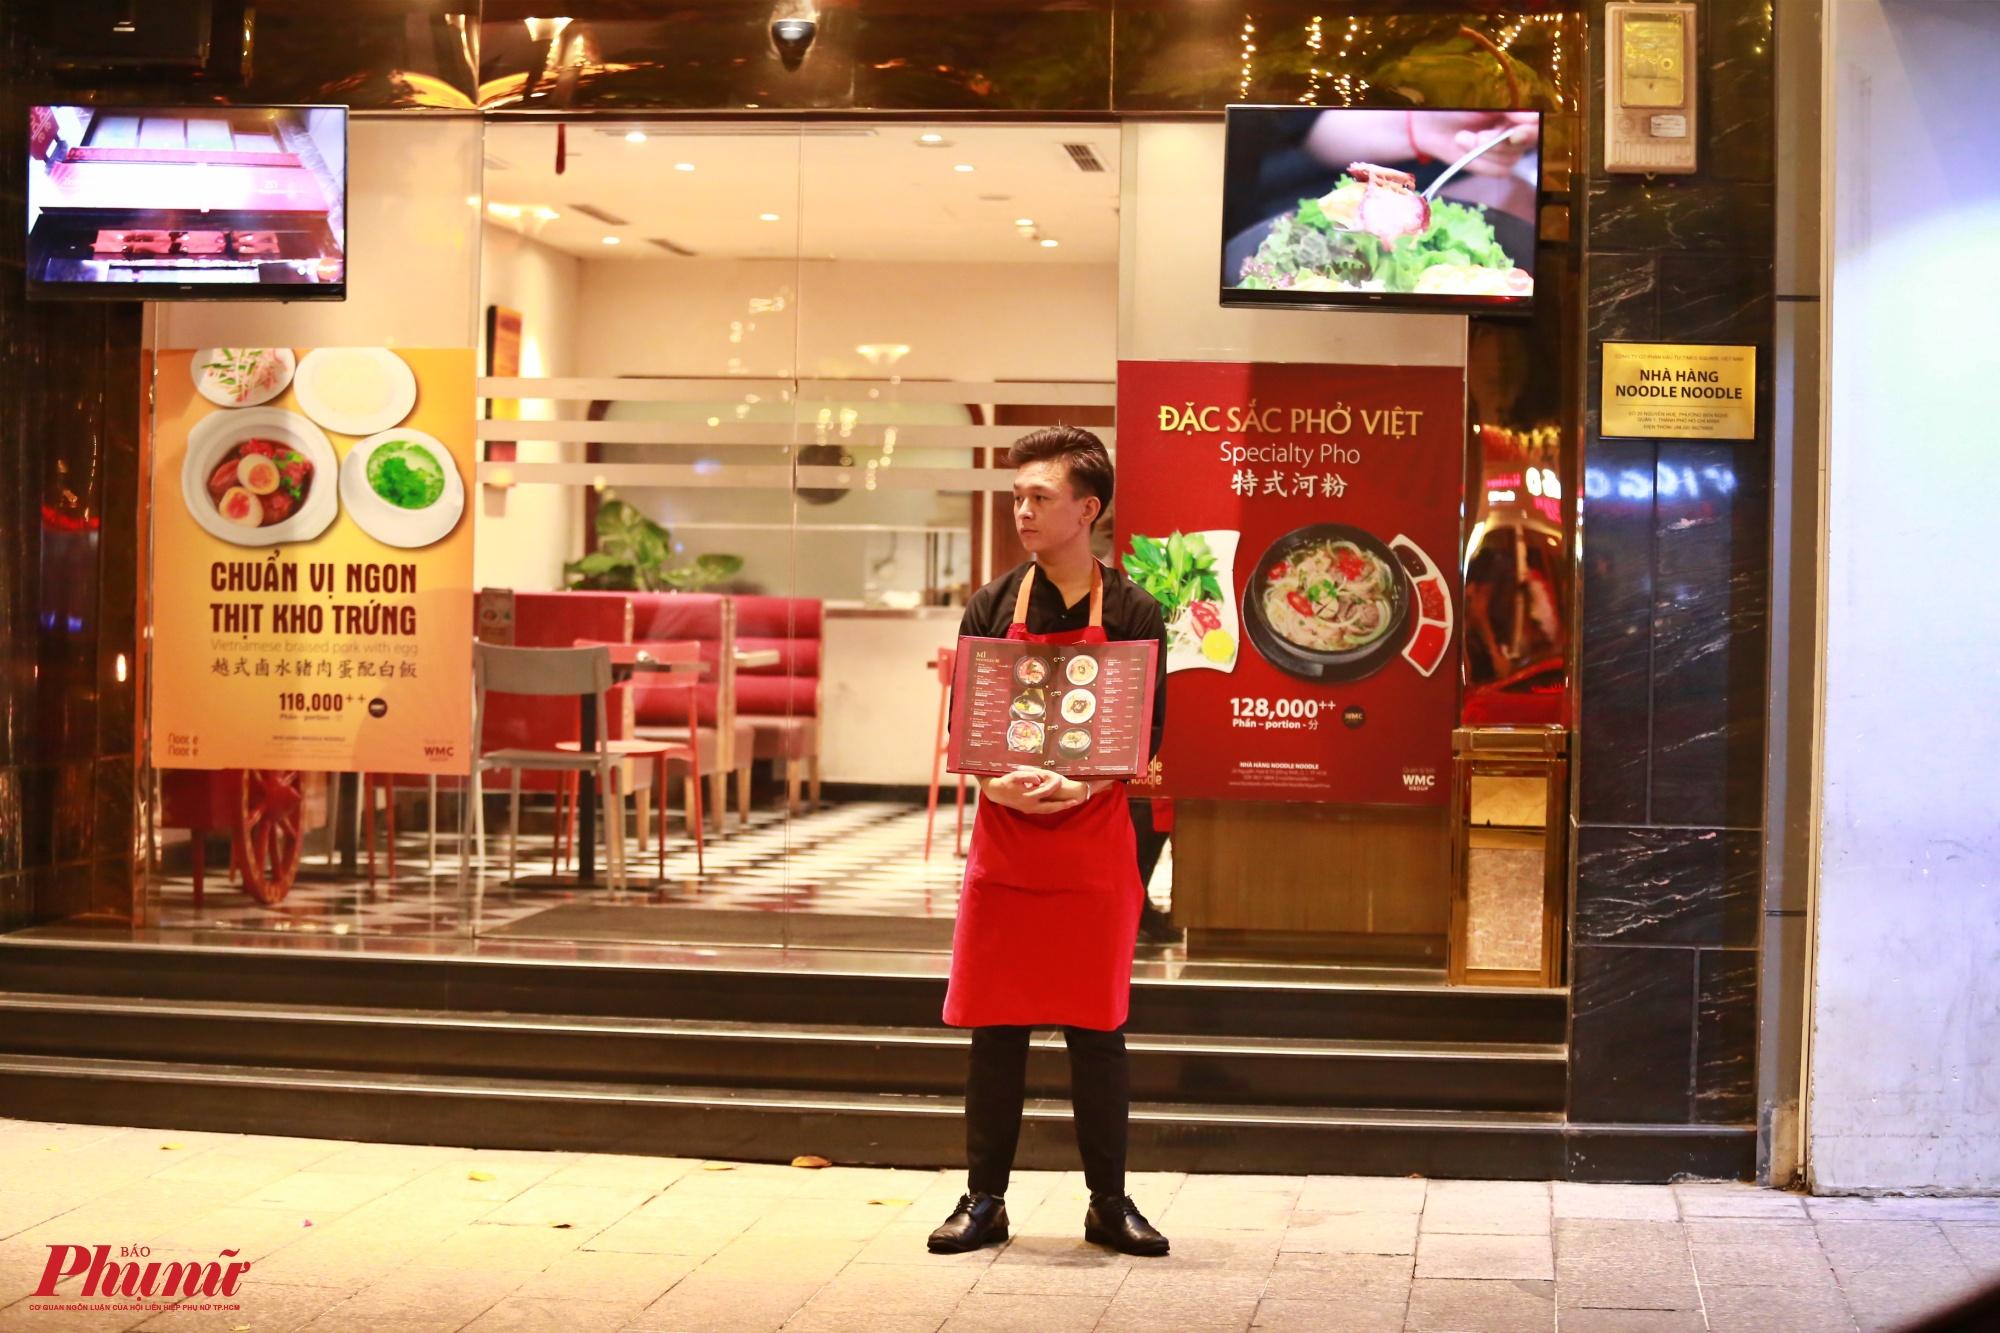 Nhiều nhà hàng cho nhân viên cầm menu đứng trước để chào mời khách nhưng vẫn không có ai